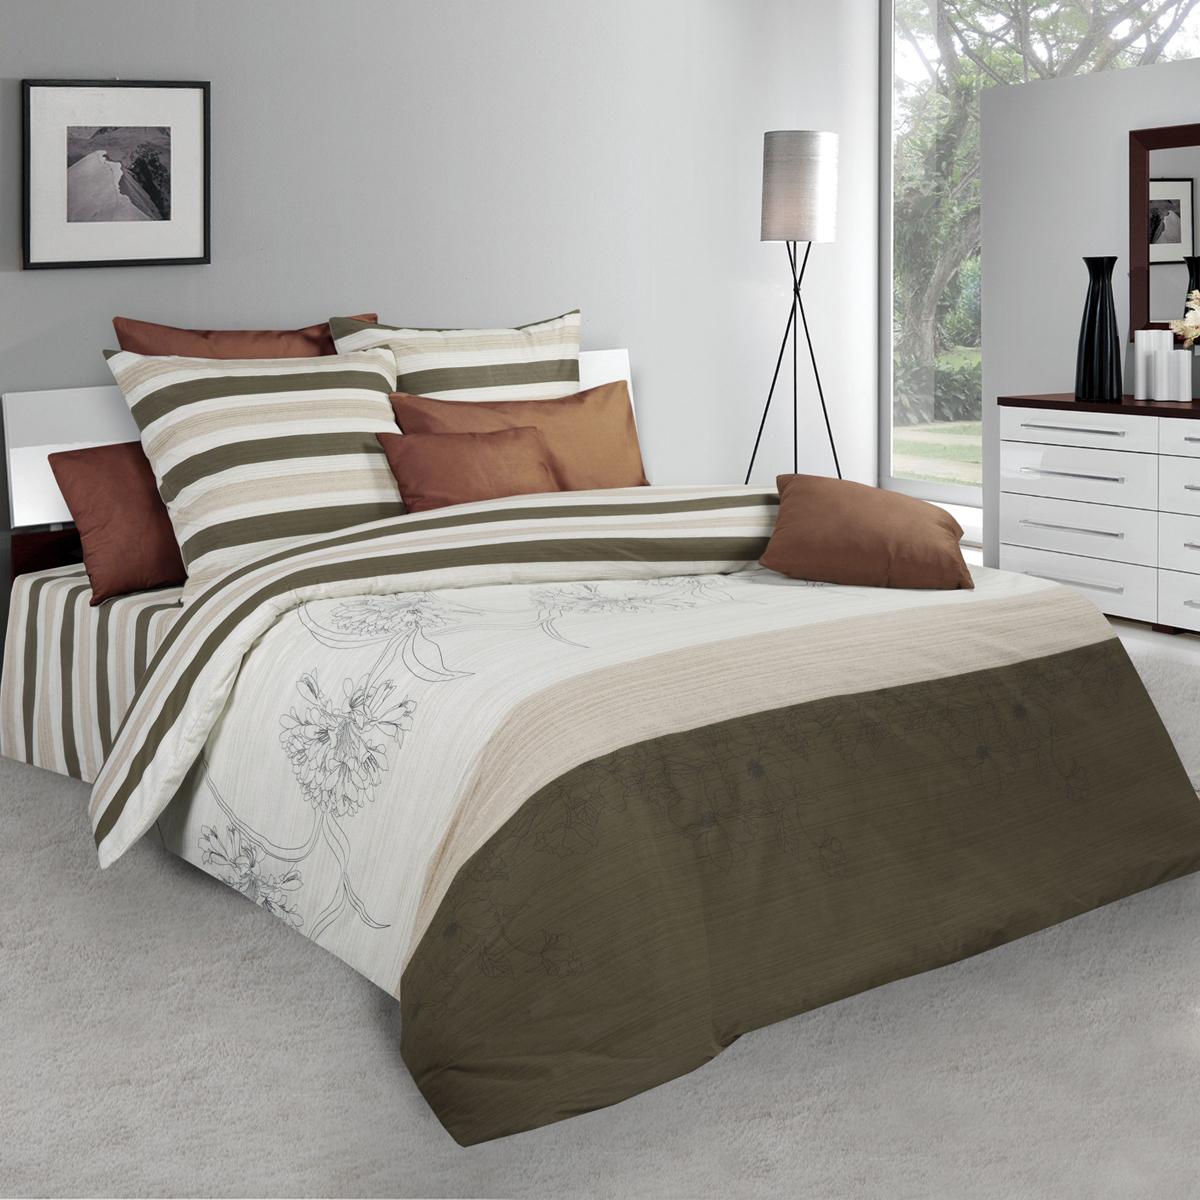 Комплект белья Guten Morgen Макси, 2-спальный. Пг-10952-175-220-70Пг-10952-175-220-70Не отказывайте себе в удовольствии оценить широкий спектр дизайнов, включающий в себя большое количество стилей и разнообразных мотивов. Мы нашли свежее решение в вопросе выбора между комфортом и изысканностью. Наша коллекция рождена с особым теплом и заботой, чтобы впоследствии стать стильной деталью вашего интерьера.